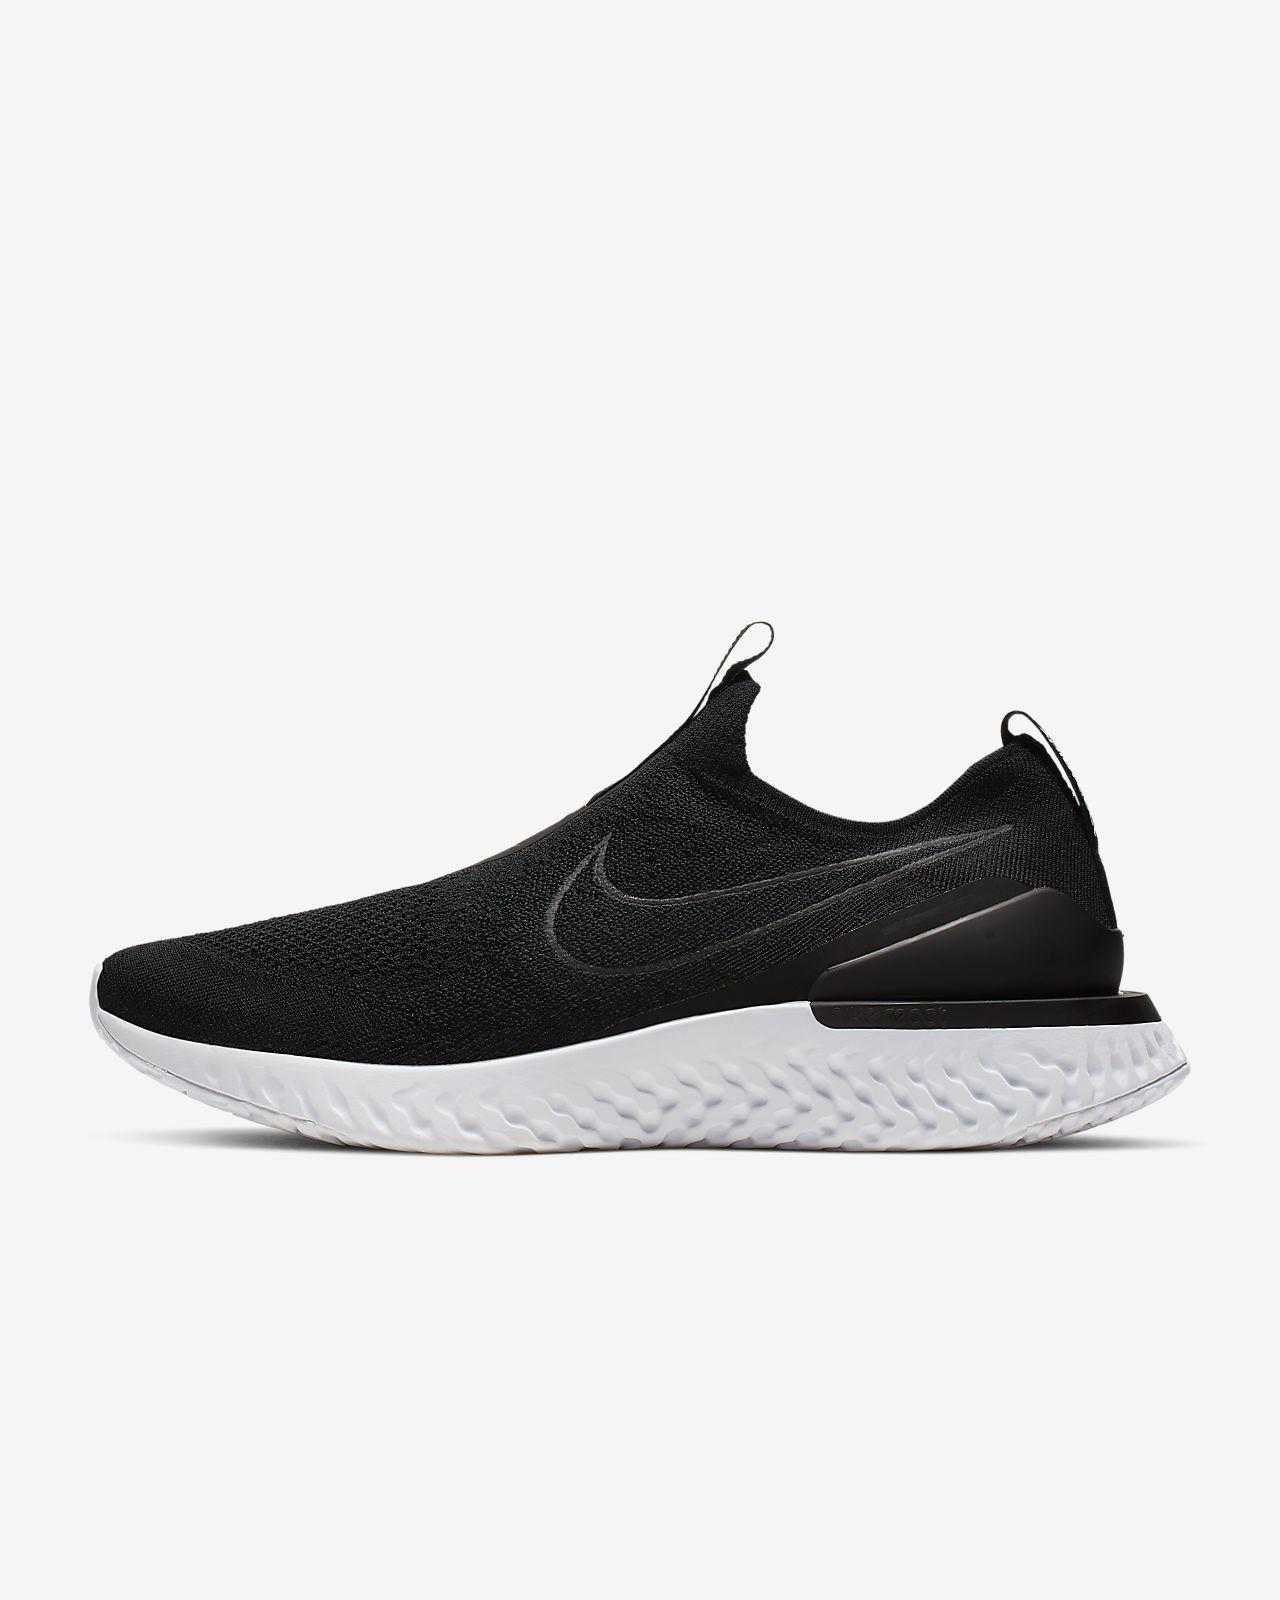 รองเท้าวิ่งผู้ชาย Nike Epic Phantom React Flyknit